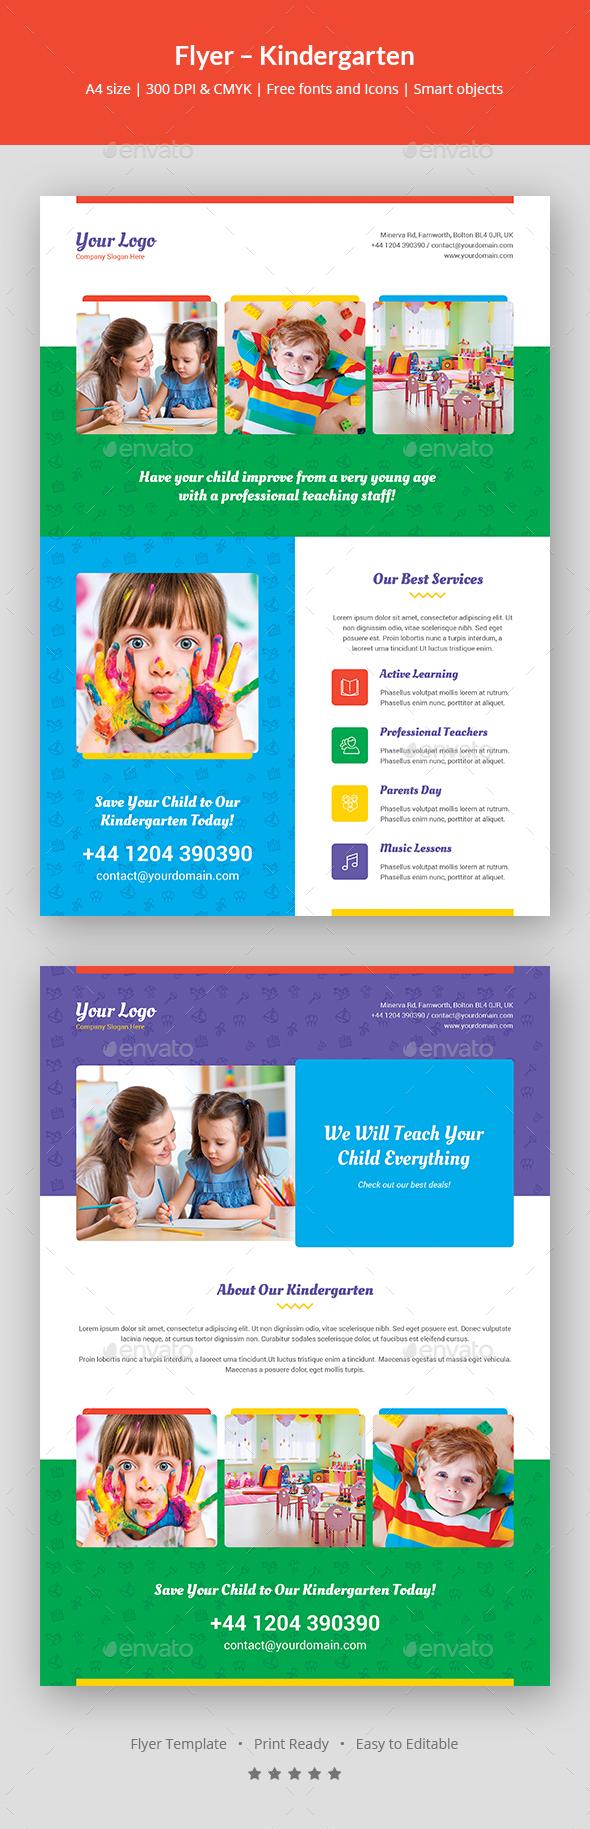 Kindergarten Flyer Graphics, Designs & Templates With Regard To Kindergarten Flyer Template